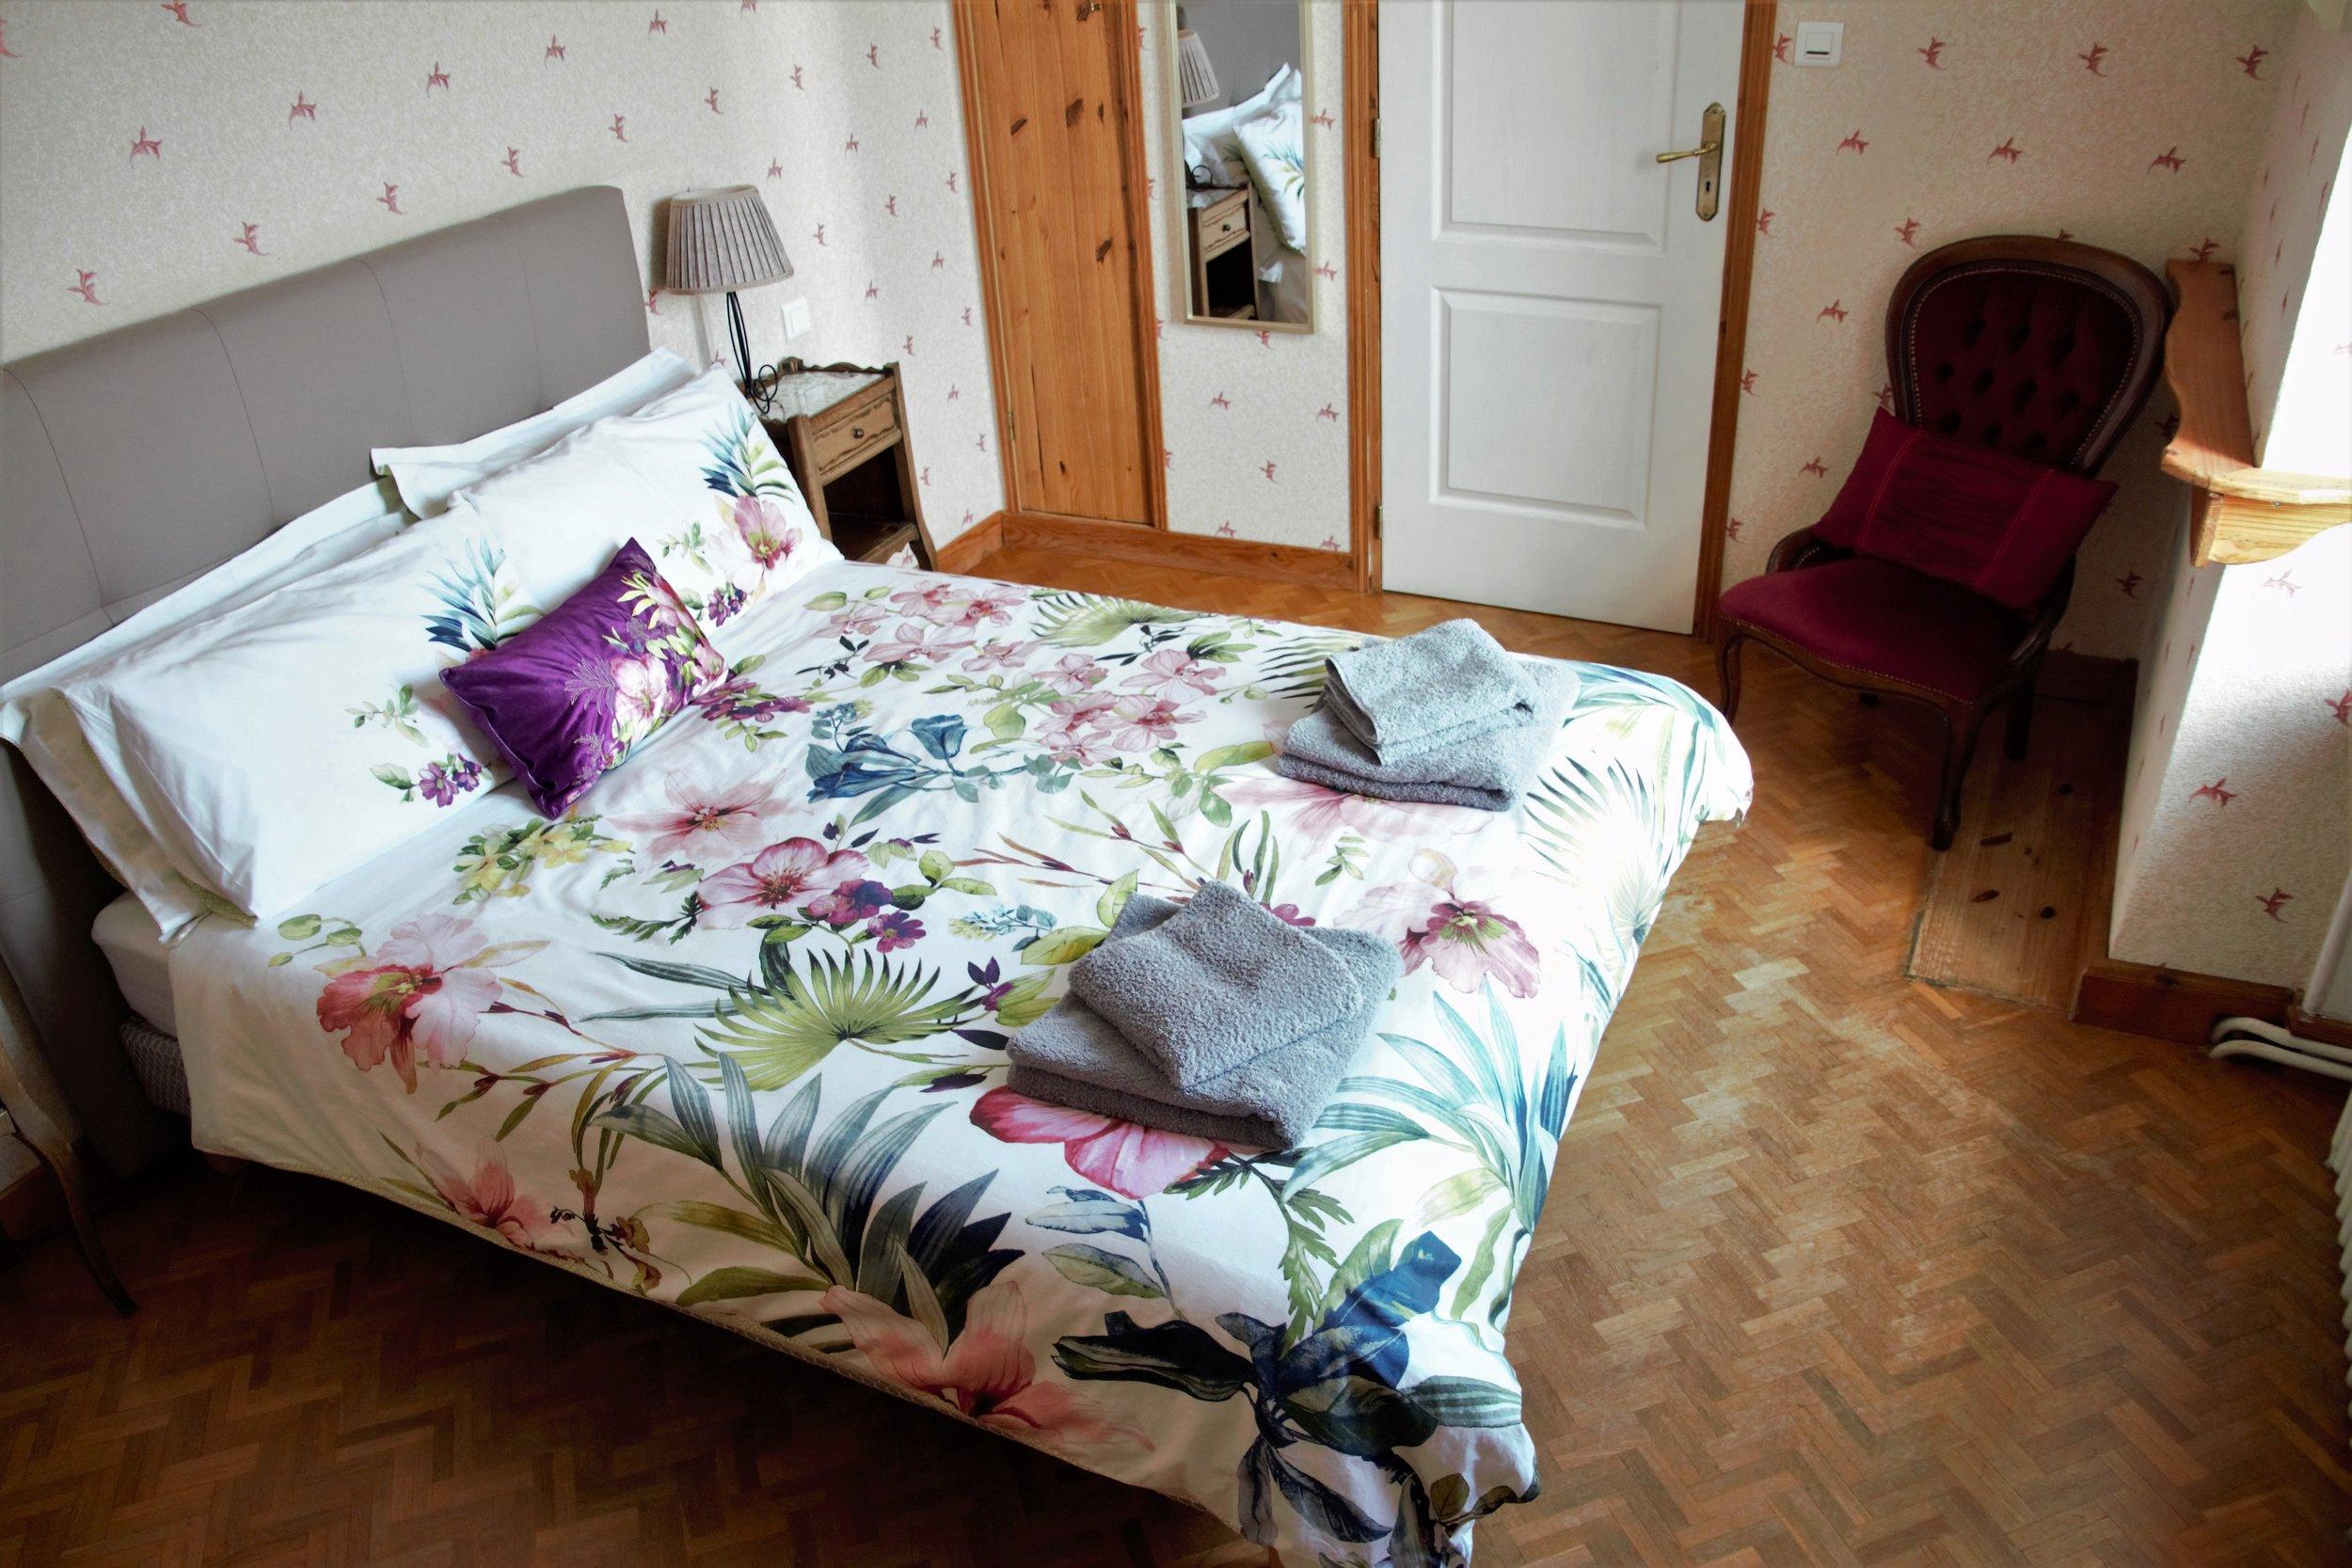 jlm bedroom.jpg